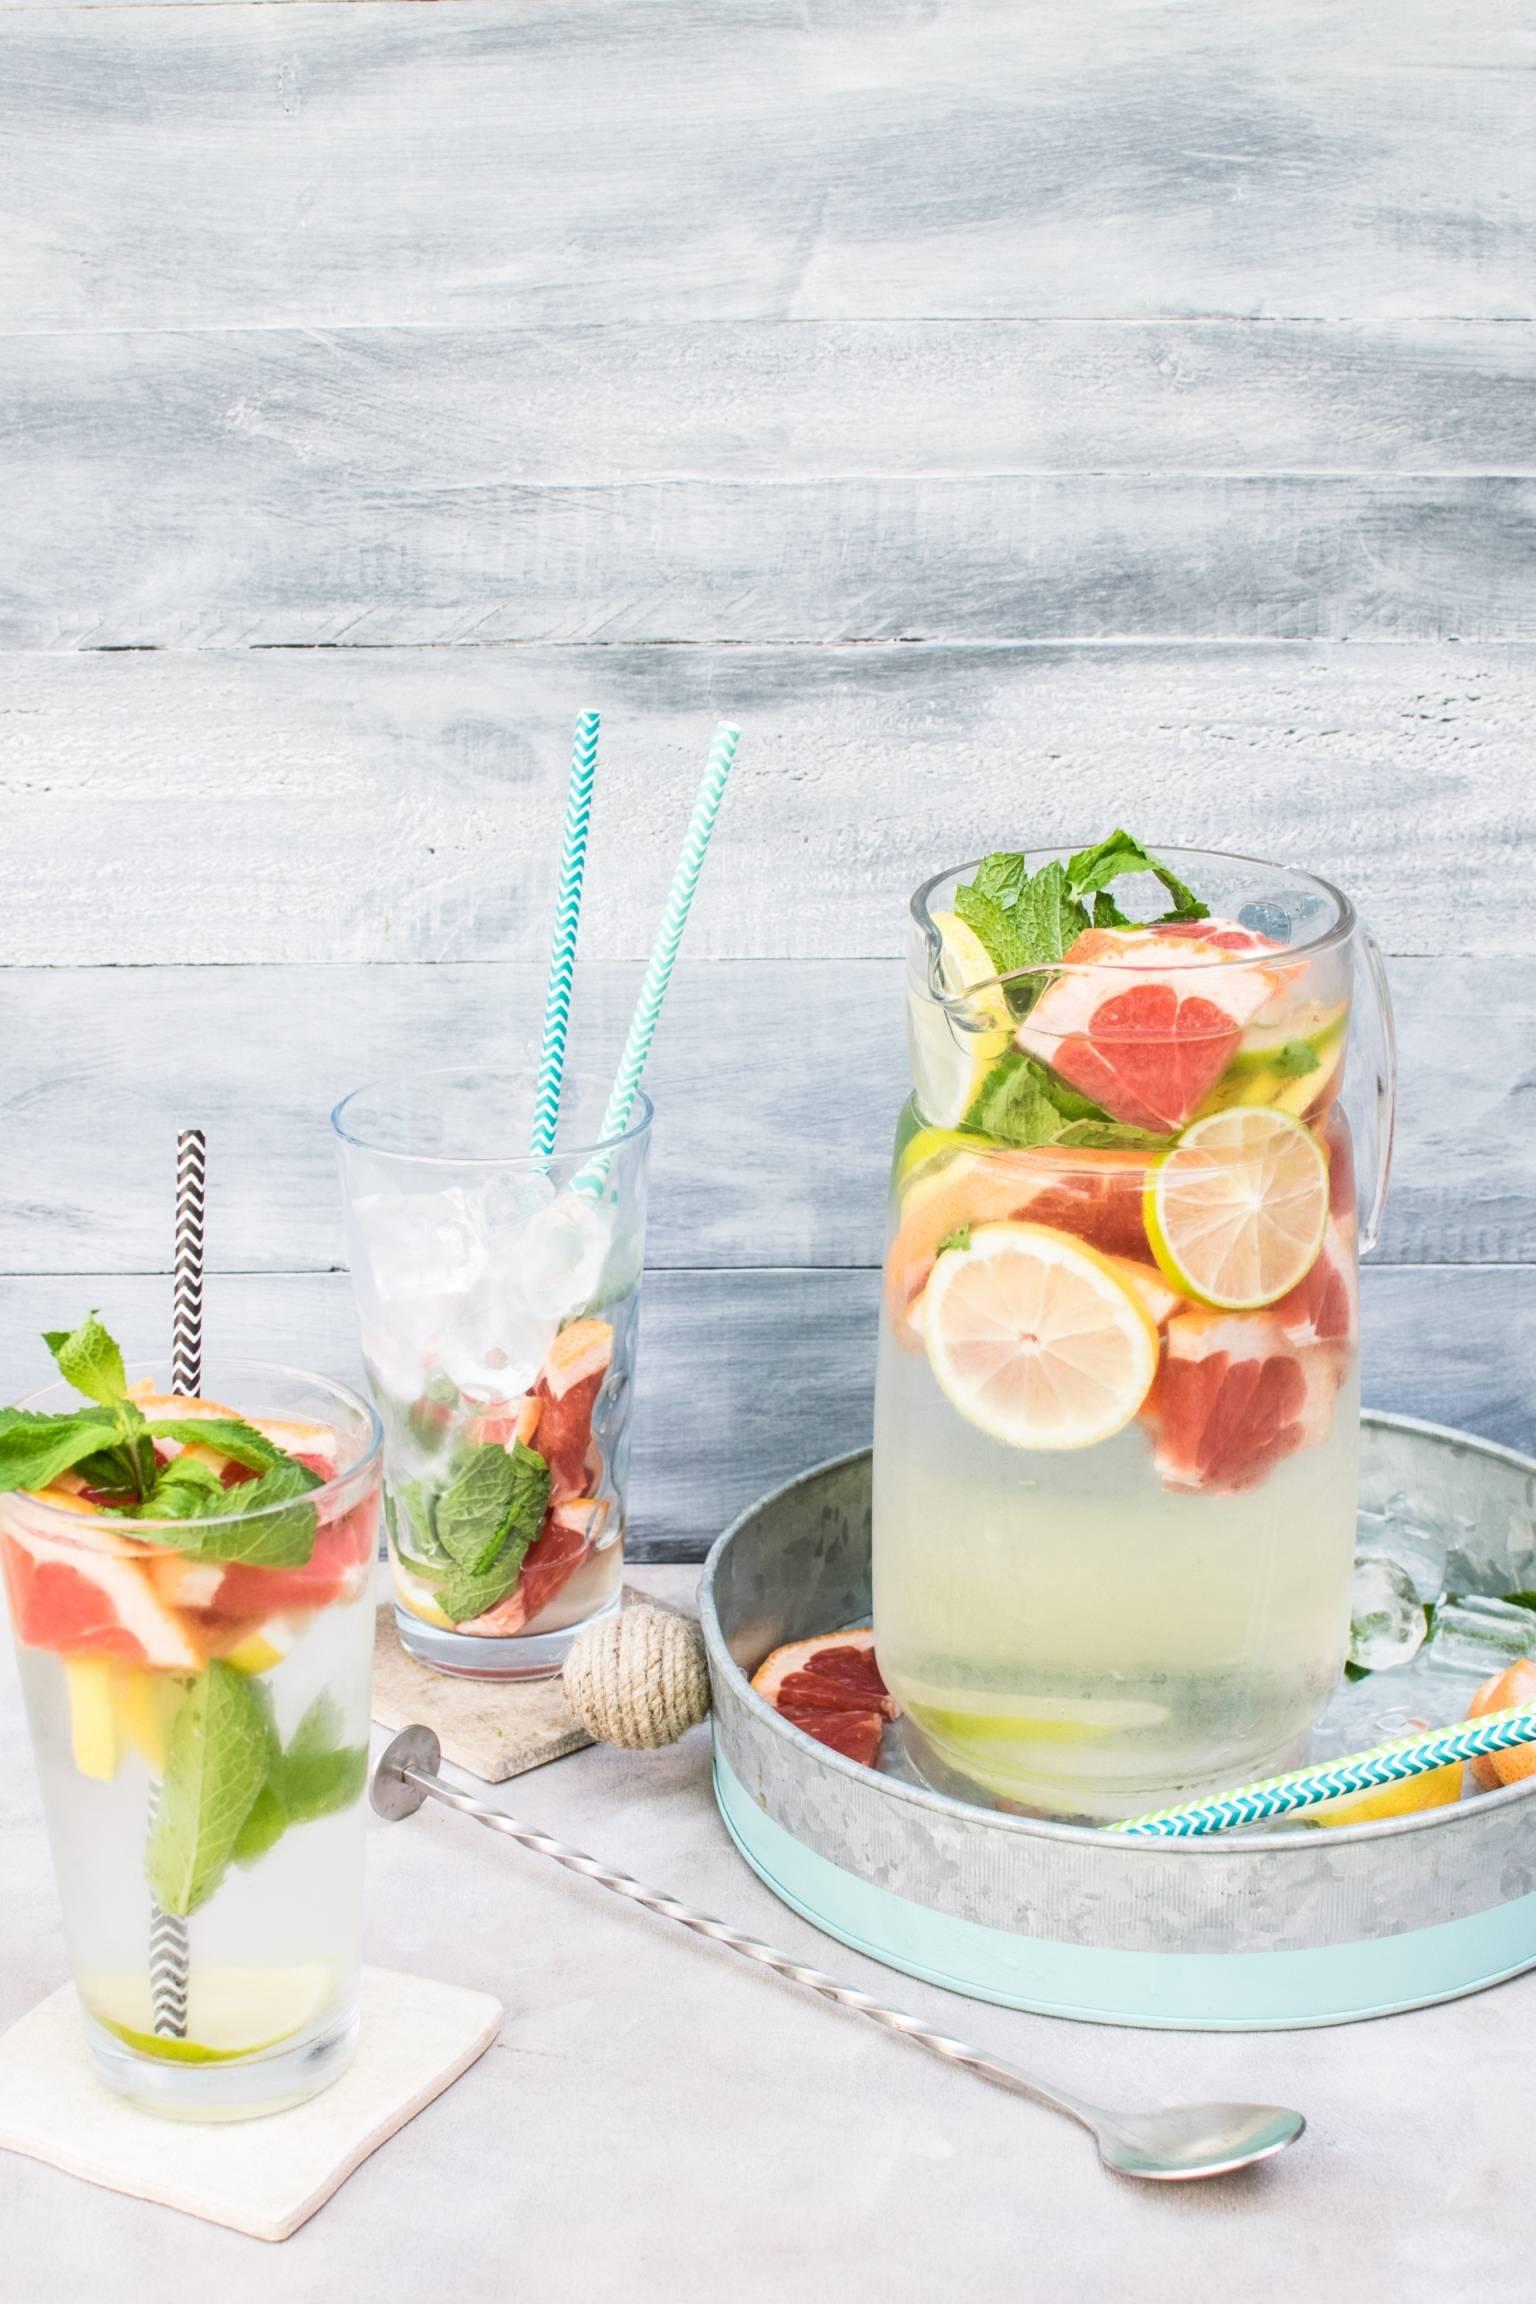 Owocowa lemoniada w dzbanku i szklankach z dodatkiem cytrusów i lodu. Ile wody pić latem? Co pić w upały?